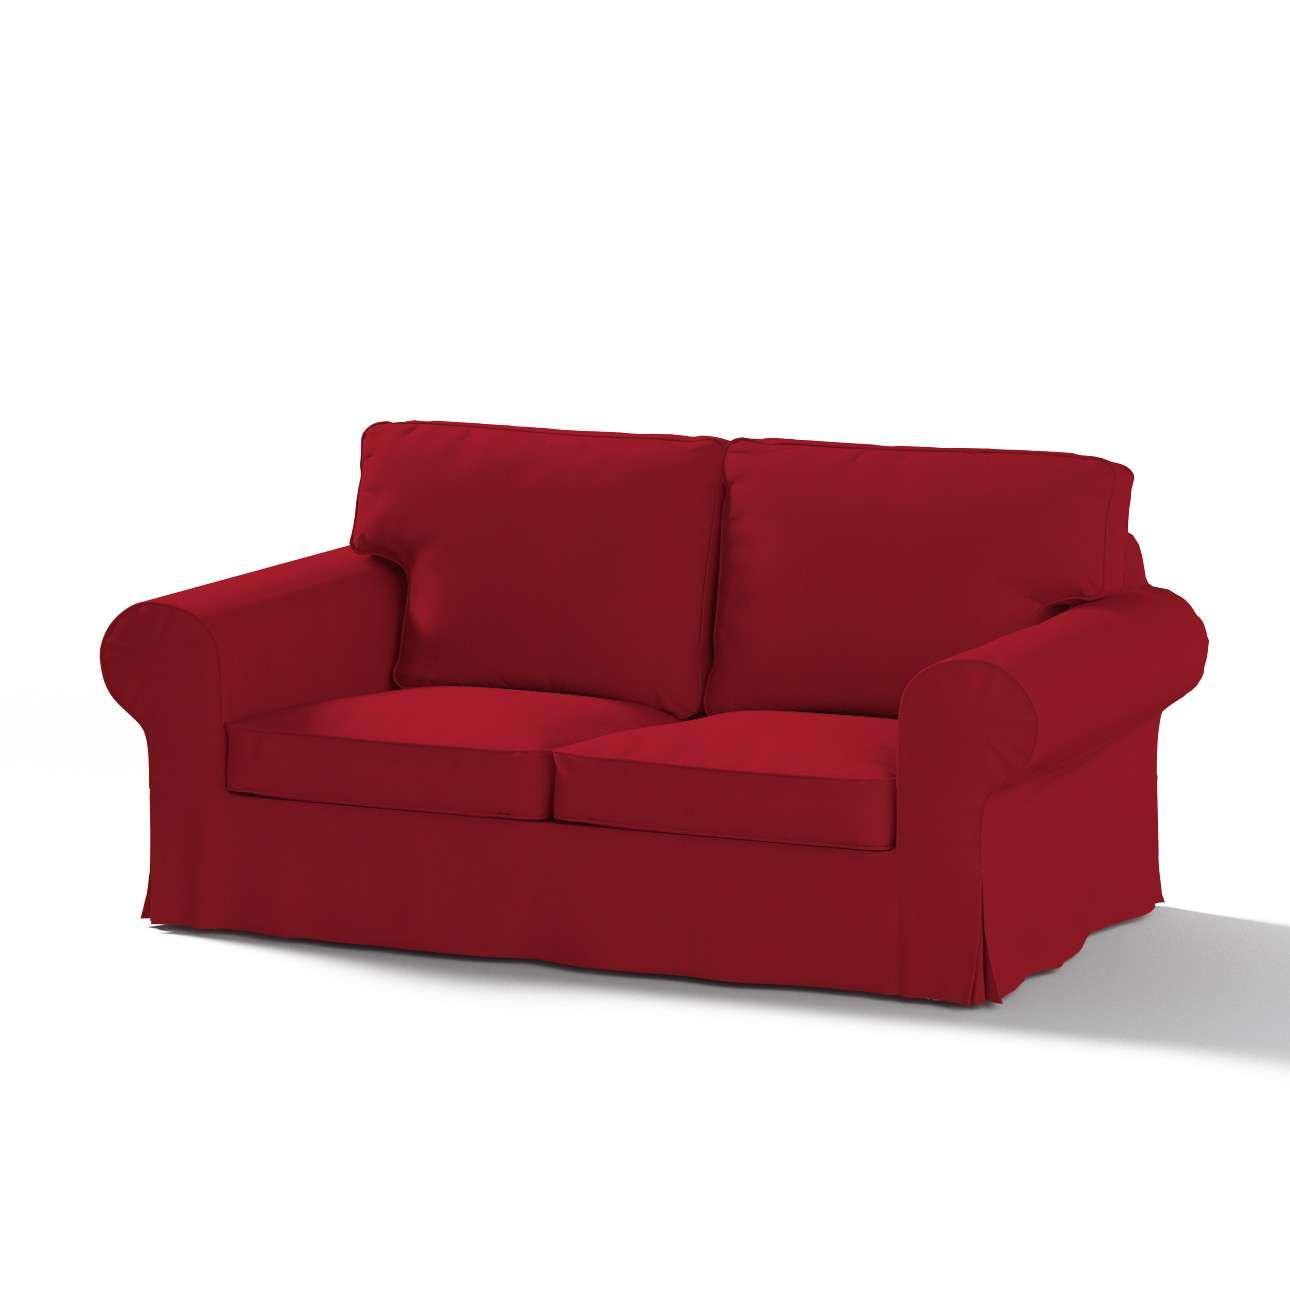 Ektorp dvivietės sofos užvalkalas Ektorp dvivietės sofos užvalkalas kolekcijoje Chenille, audinys: 702-24